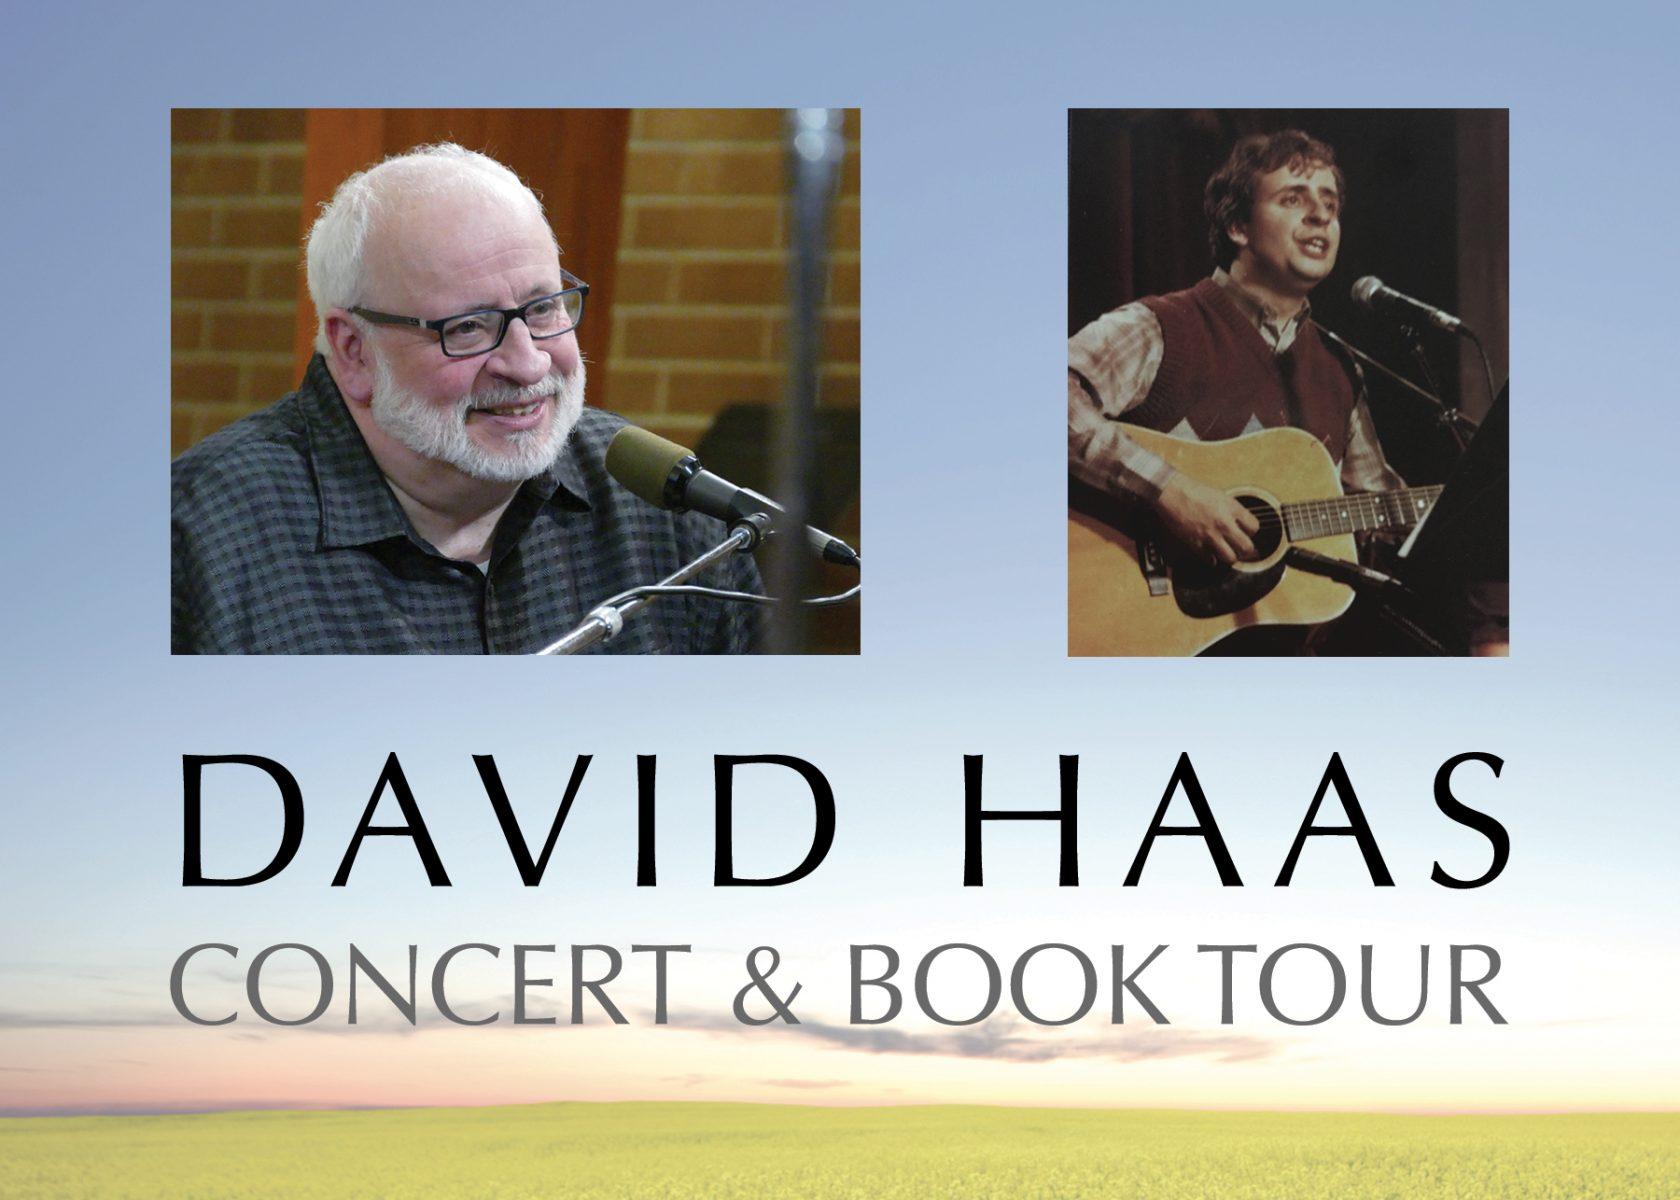 David Haas Concert & Book Tour